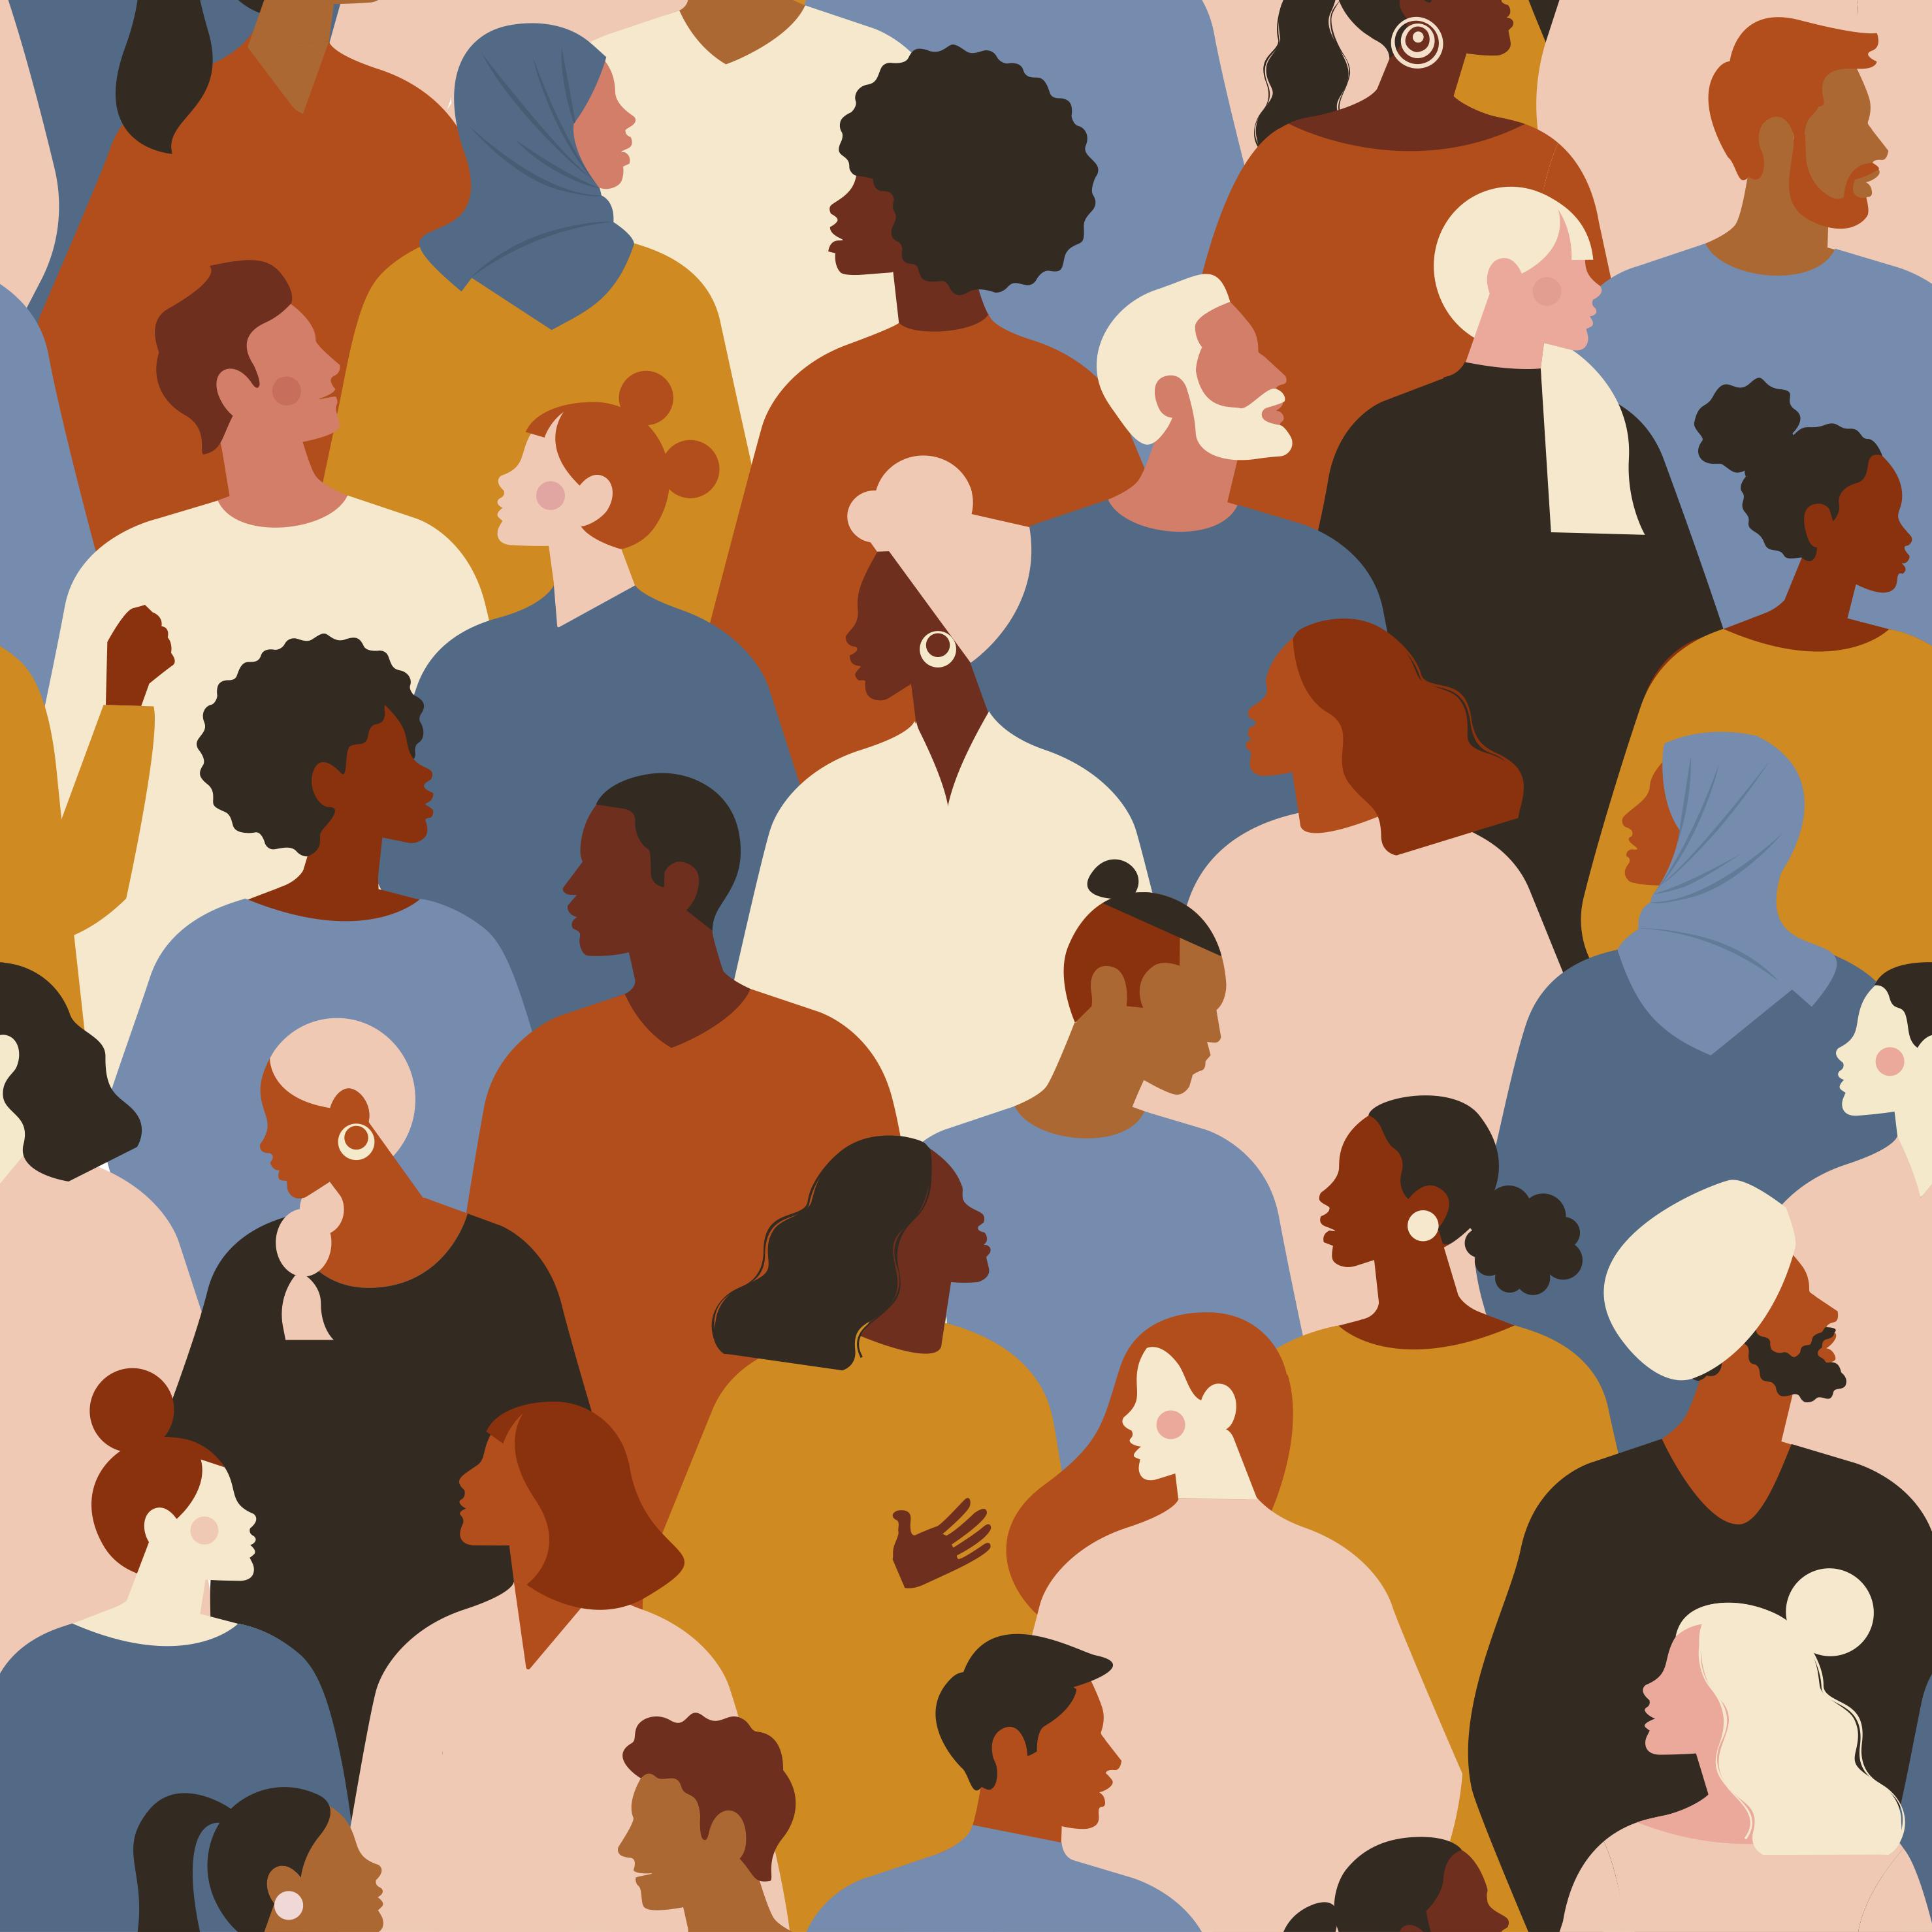 gemaltes Bild von Personenmenge